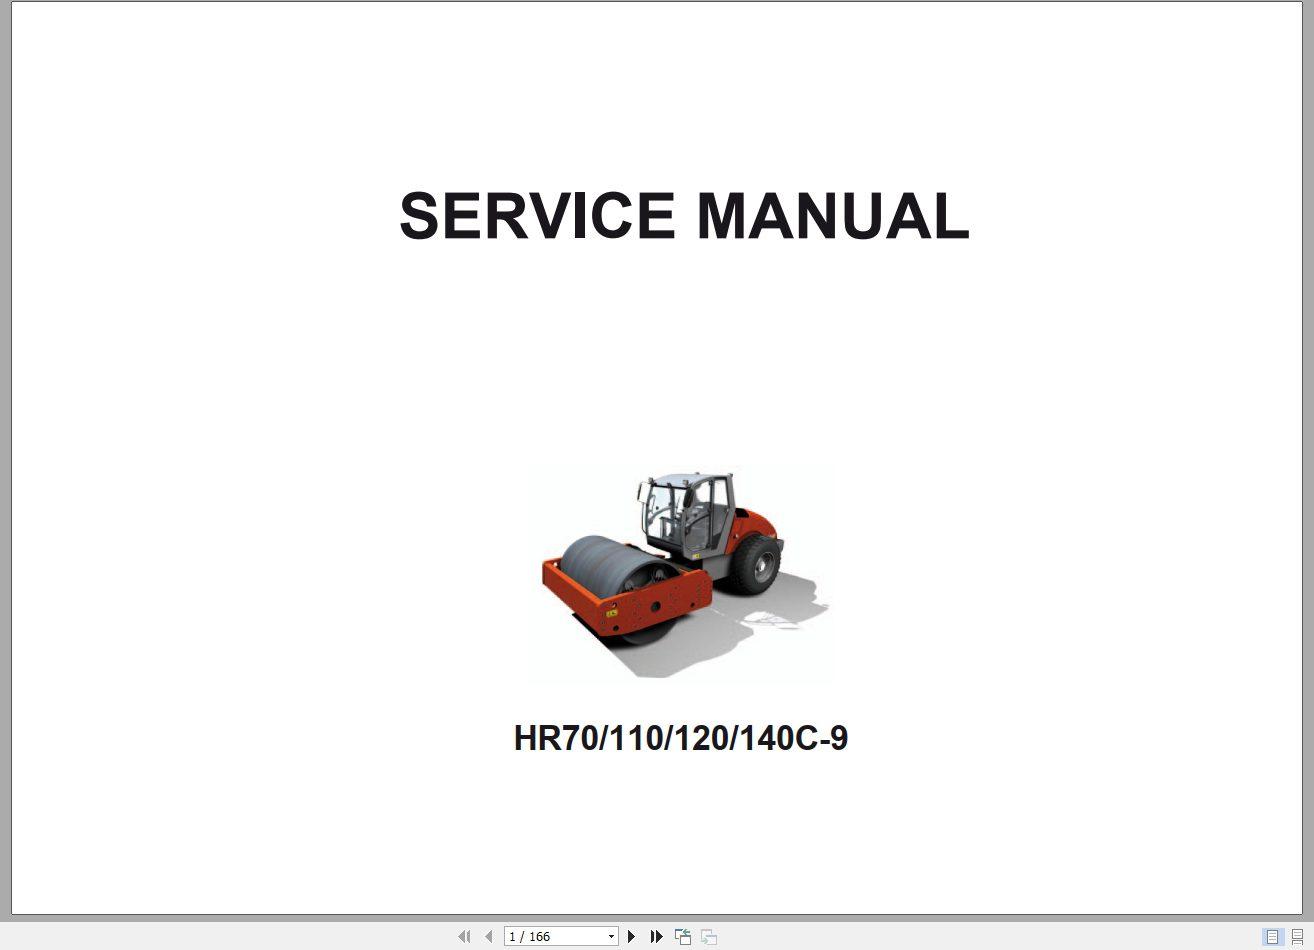 Hyundai_Heavy_Equipment_Service_Manual_Updated_1